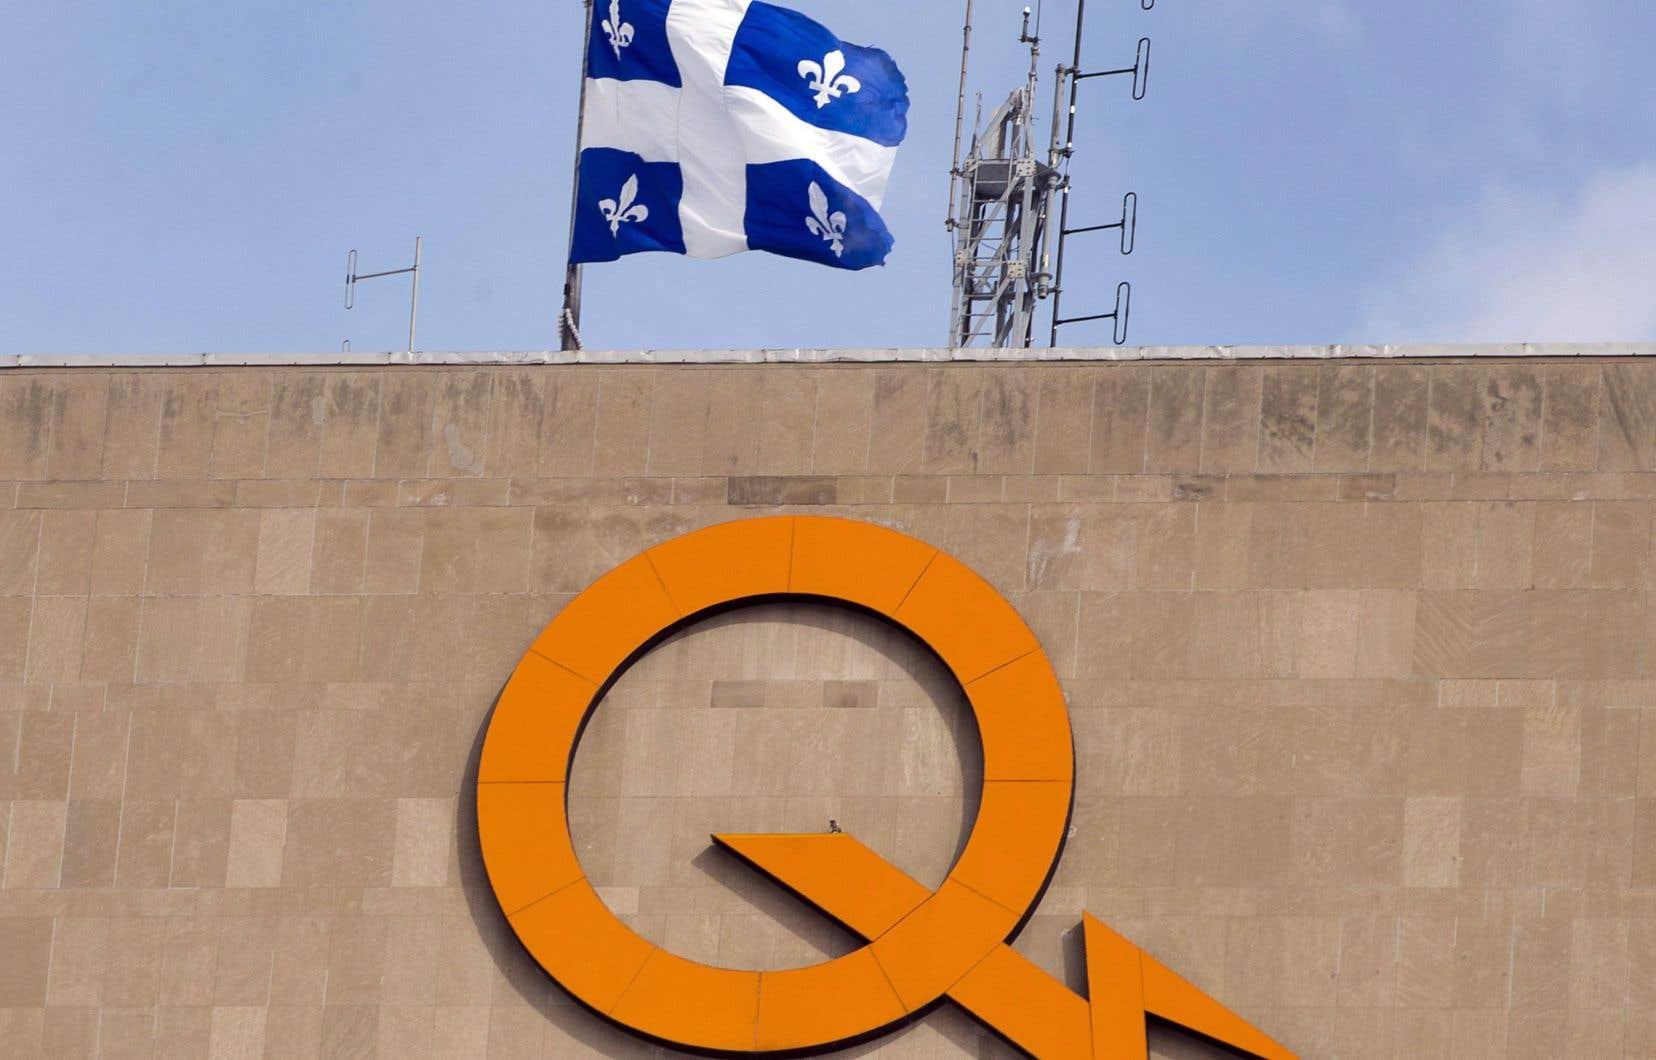 La pandémie de COVID-19oblige Hydro-Québec à gérer ses dépenses d'exploitation de manière serrée, selonsa présidente-directrice générale, Sophie Brochu.